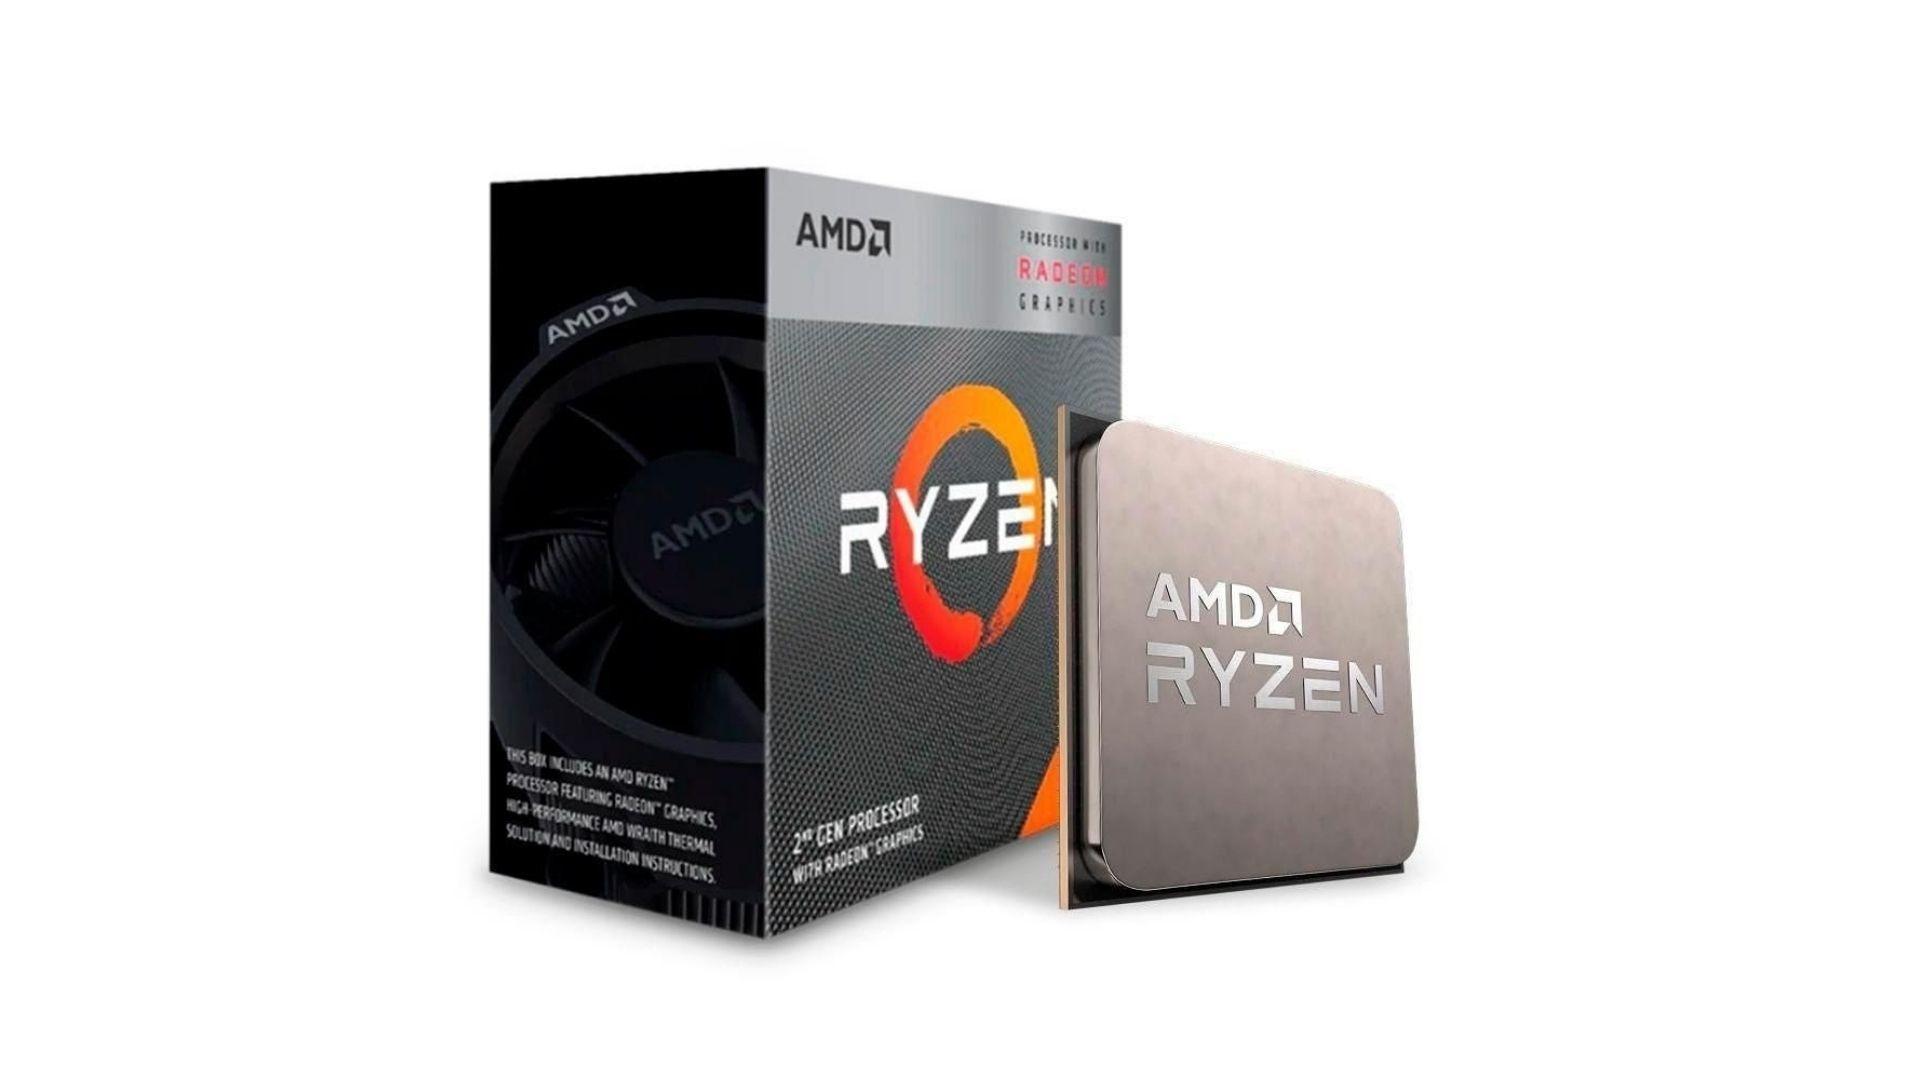 Caixa do AMD ryzen 3 com o processador na frente